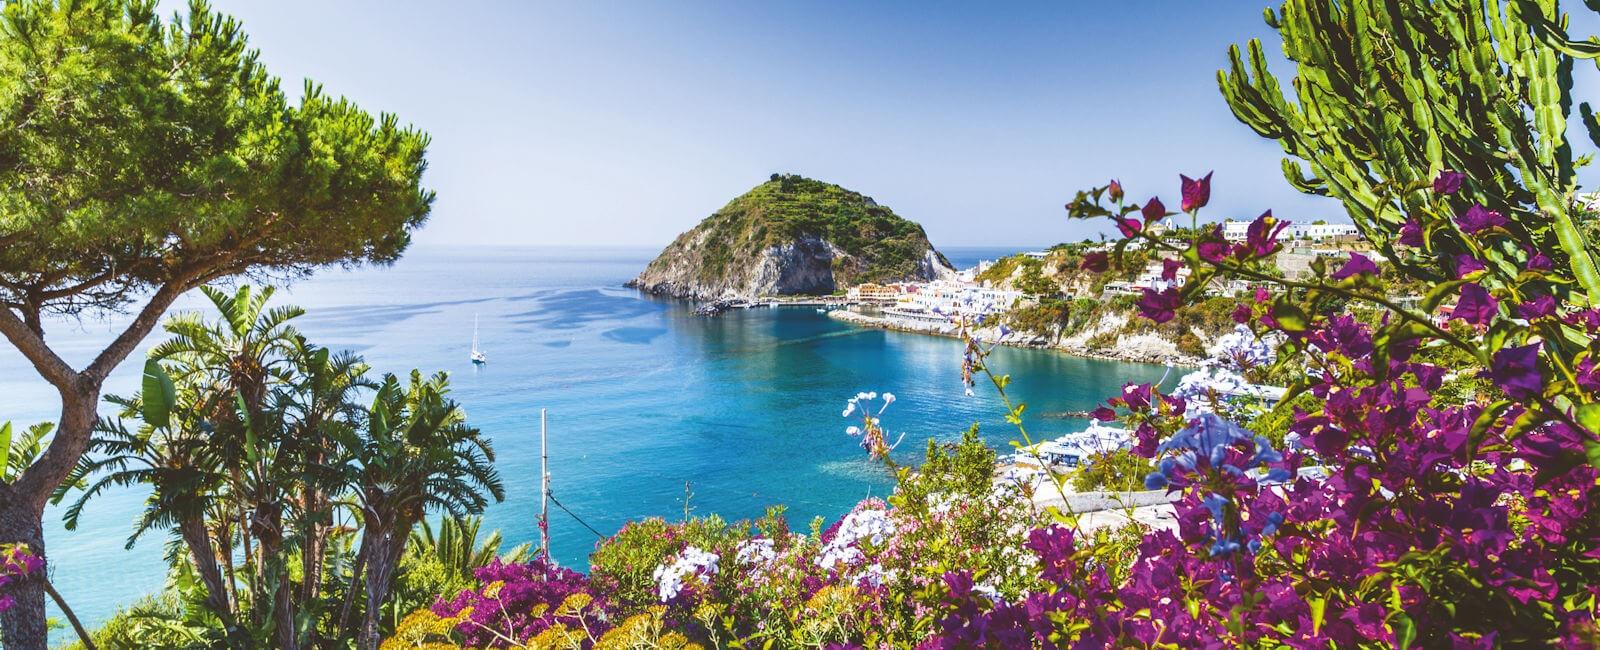 ischia holidays, italy